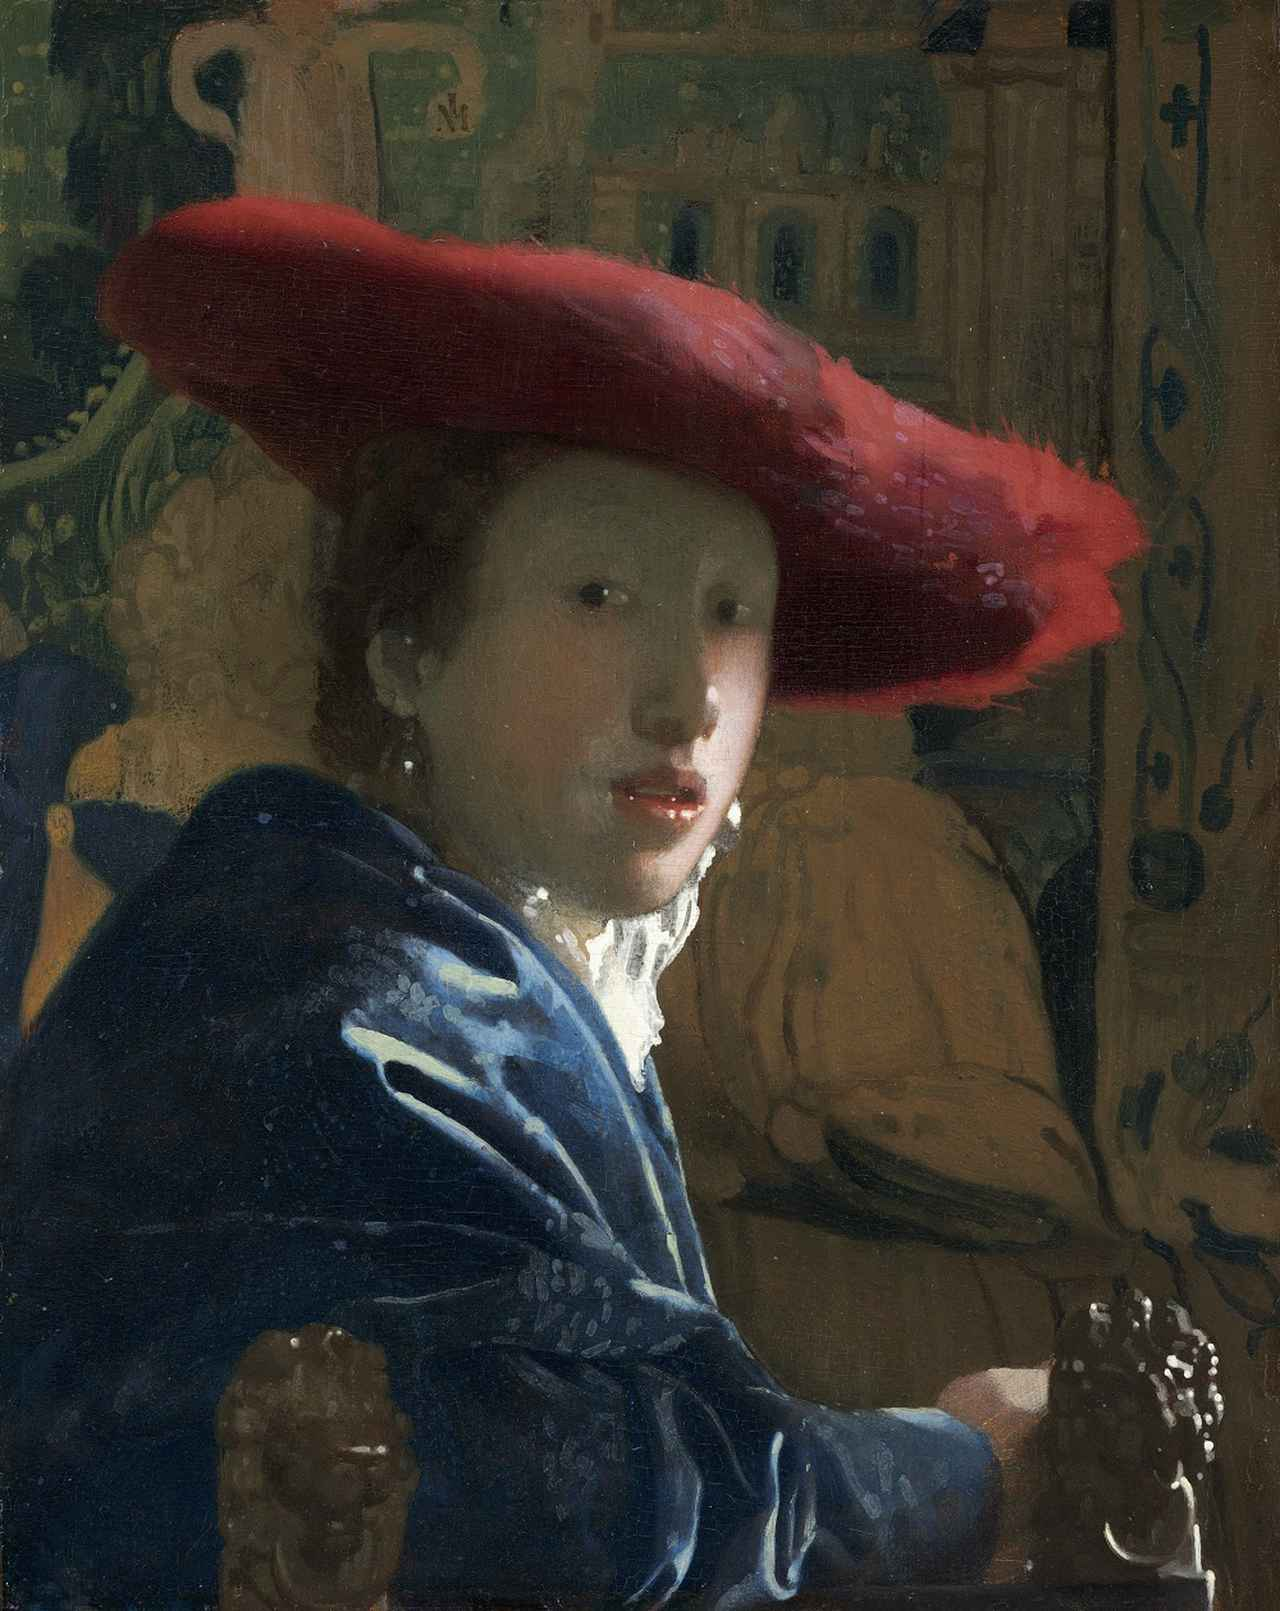 画像: ヨハネス・フェルメール 《赤い帽子の娘》1665-1666年頃 ワシントン・ナショナル・ギャラリー National Gallery of Art, Washington, Andrew W. Mellon Collection, 1937.1.53  ※12月20日(木)まで展示